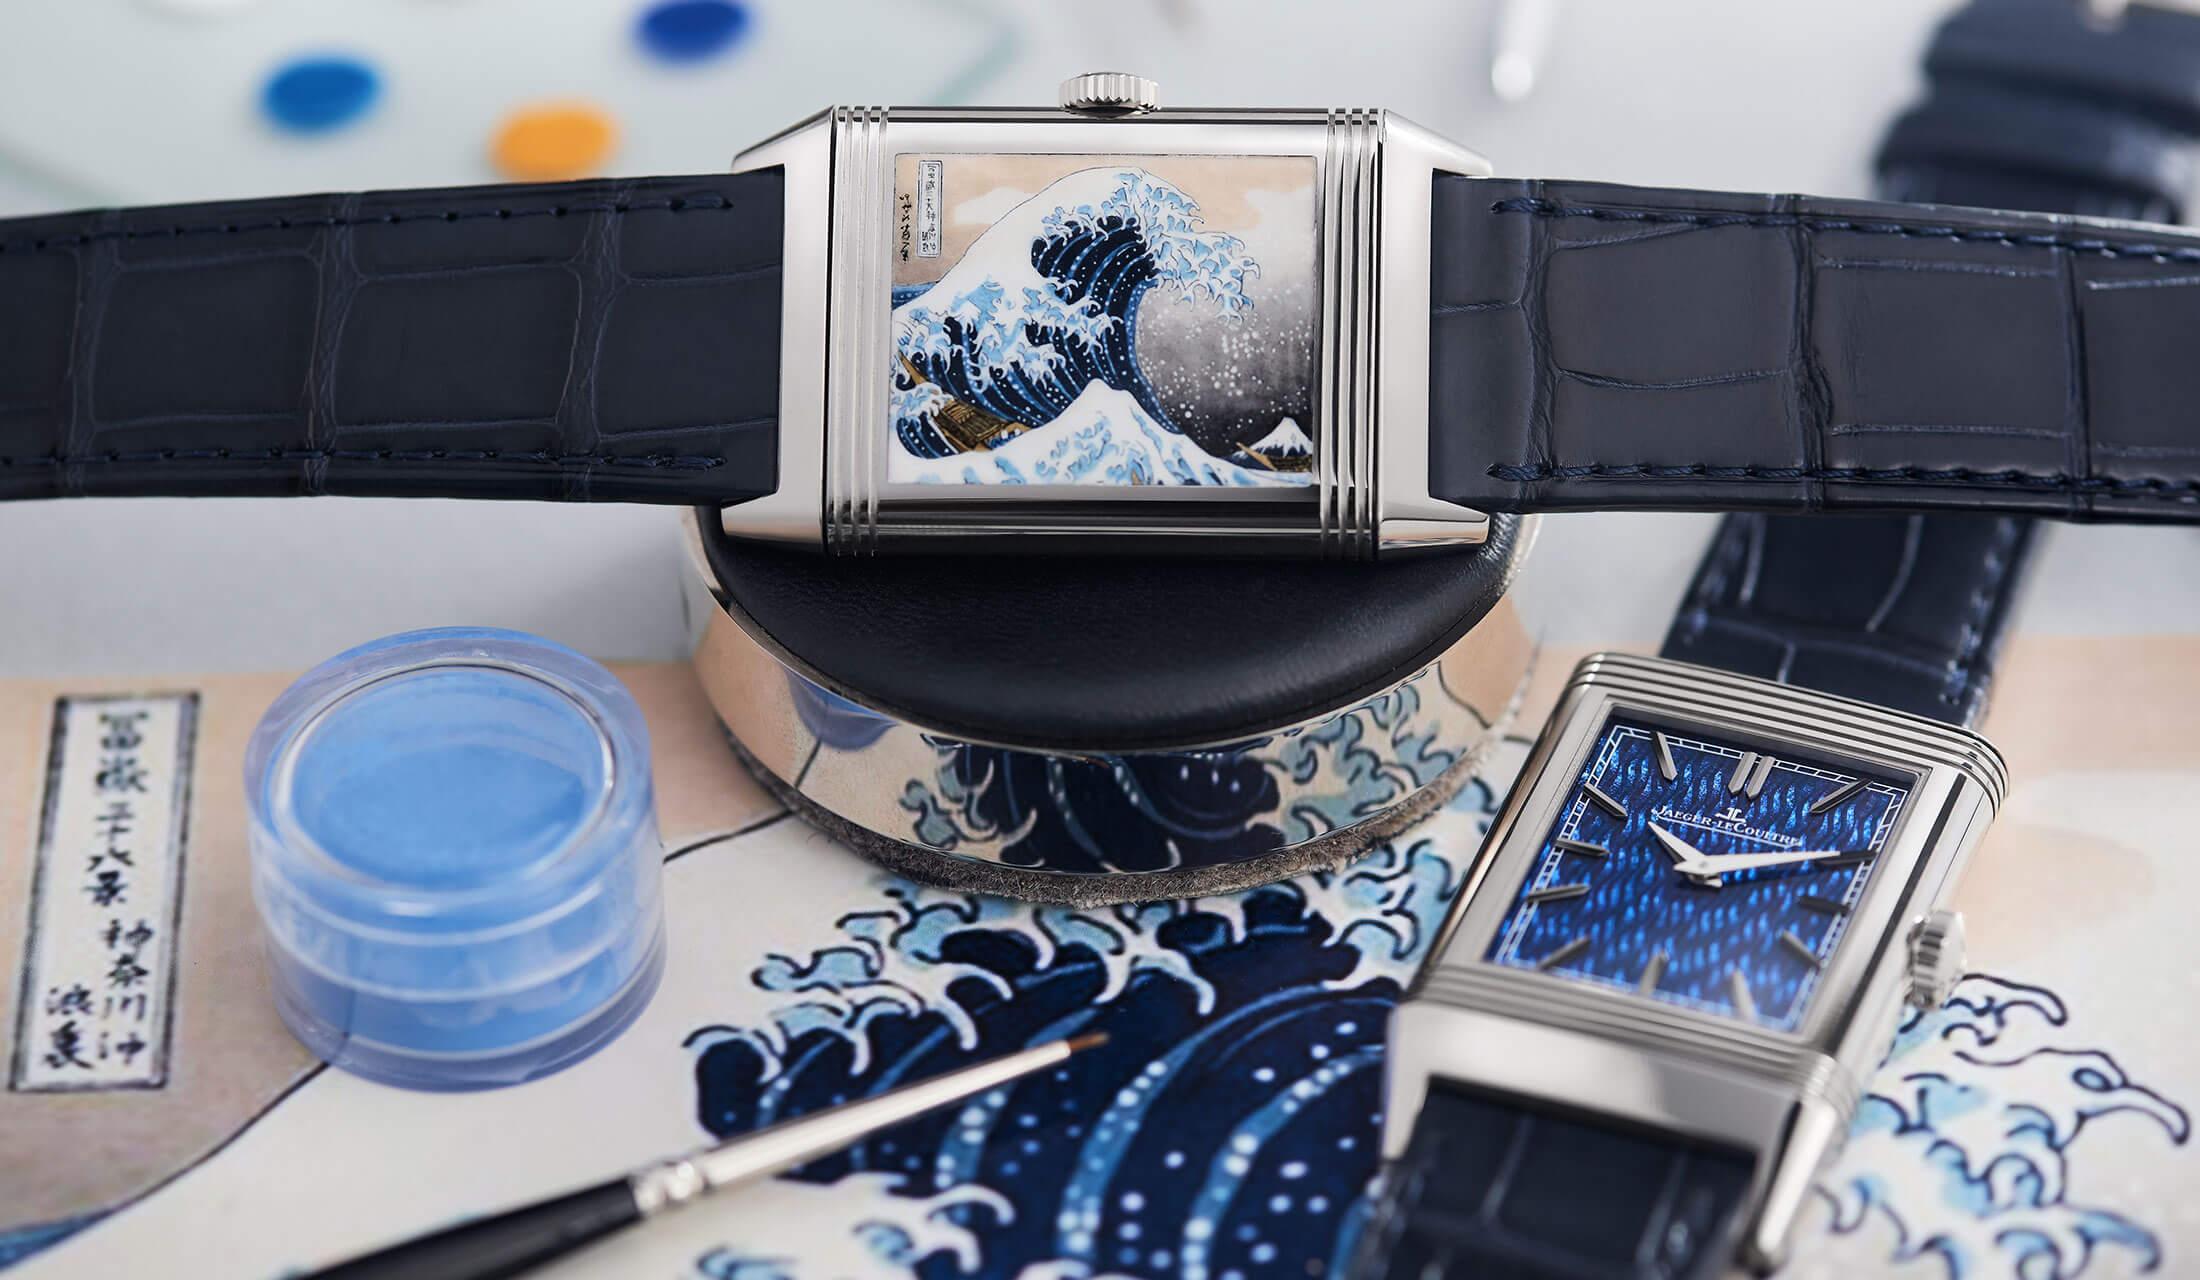 葛飾北斎の名画「神奈川沖浪裏」をエナメル画で再現したジャガー・ルクルトの名品時計「レベルソ」